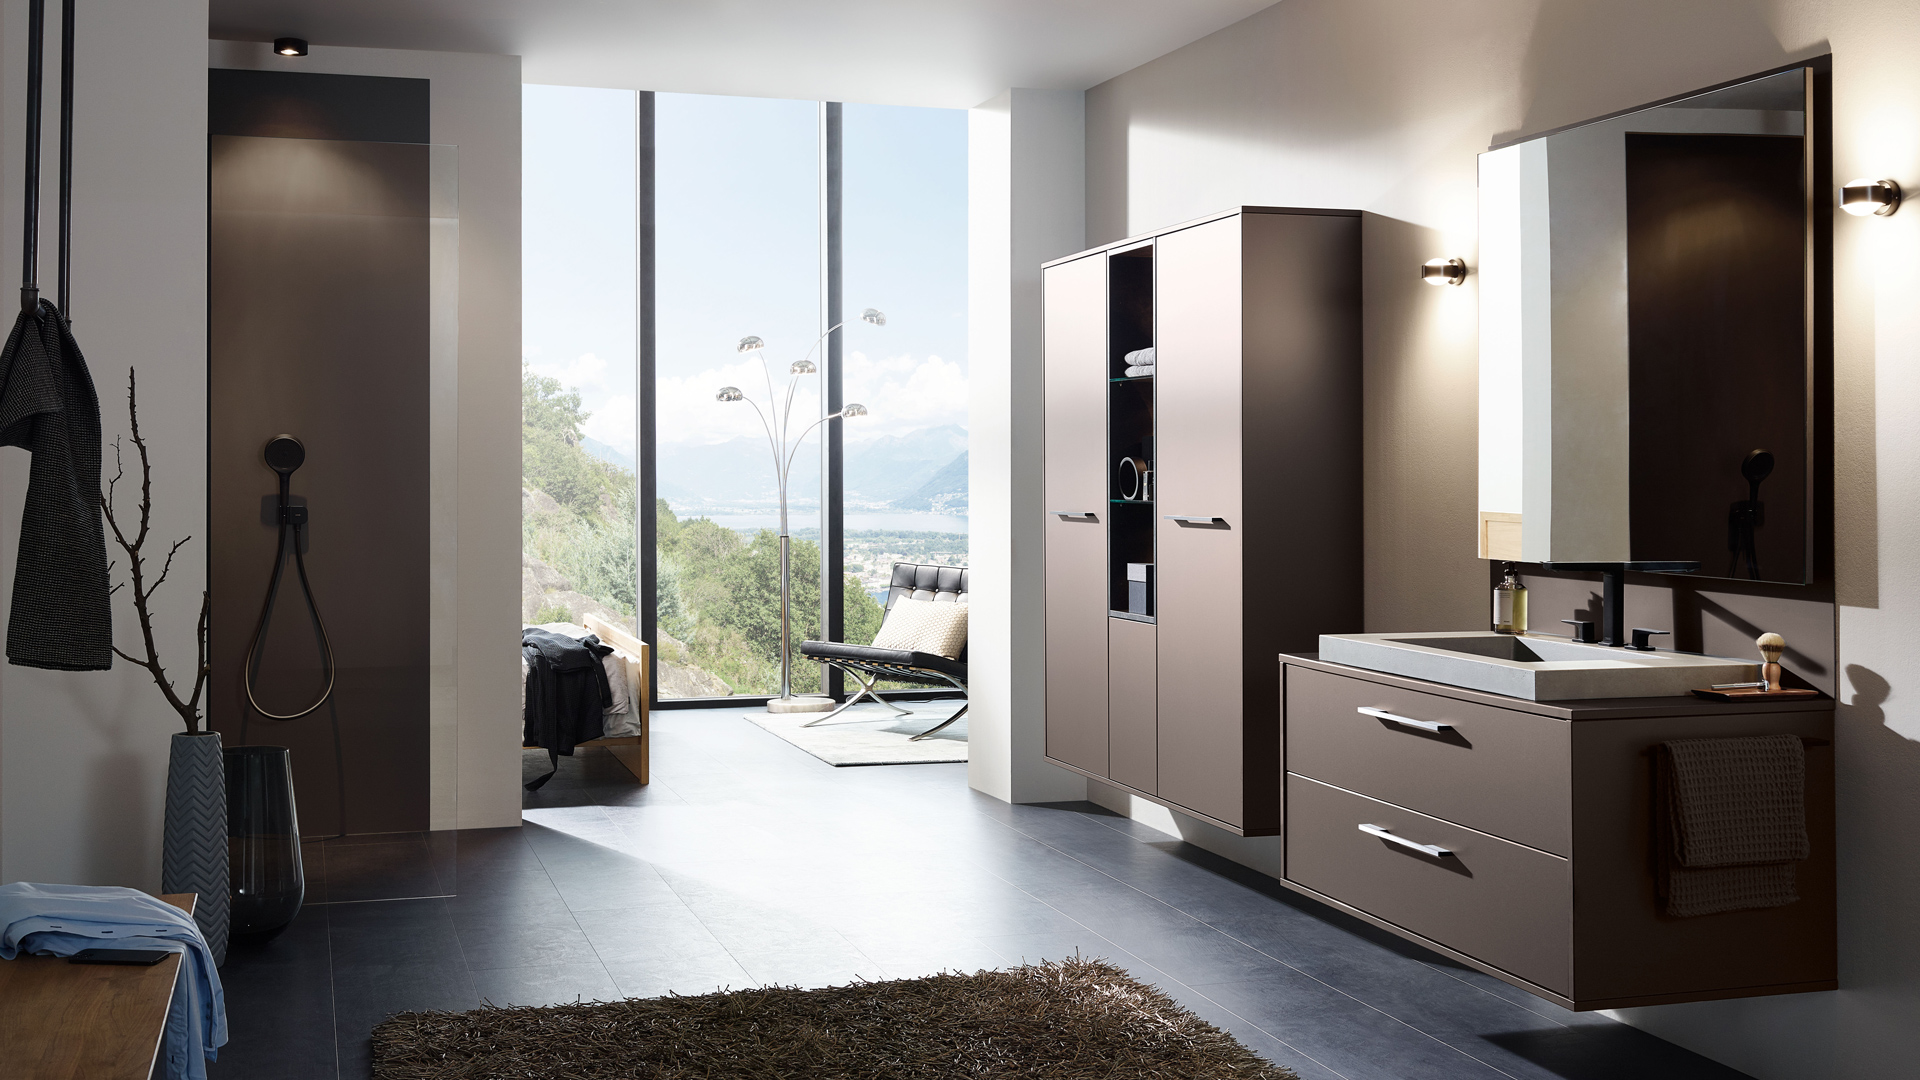 Badauswahl: Bild zeigt ein elegantes Badezimmer